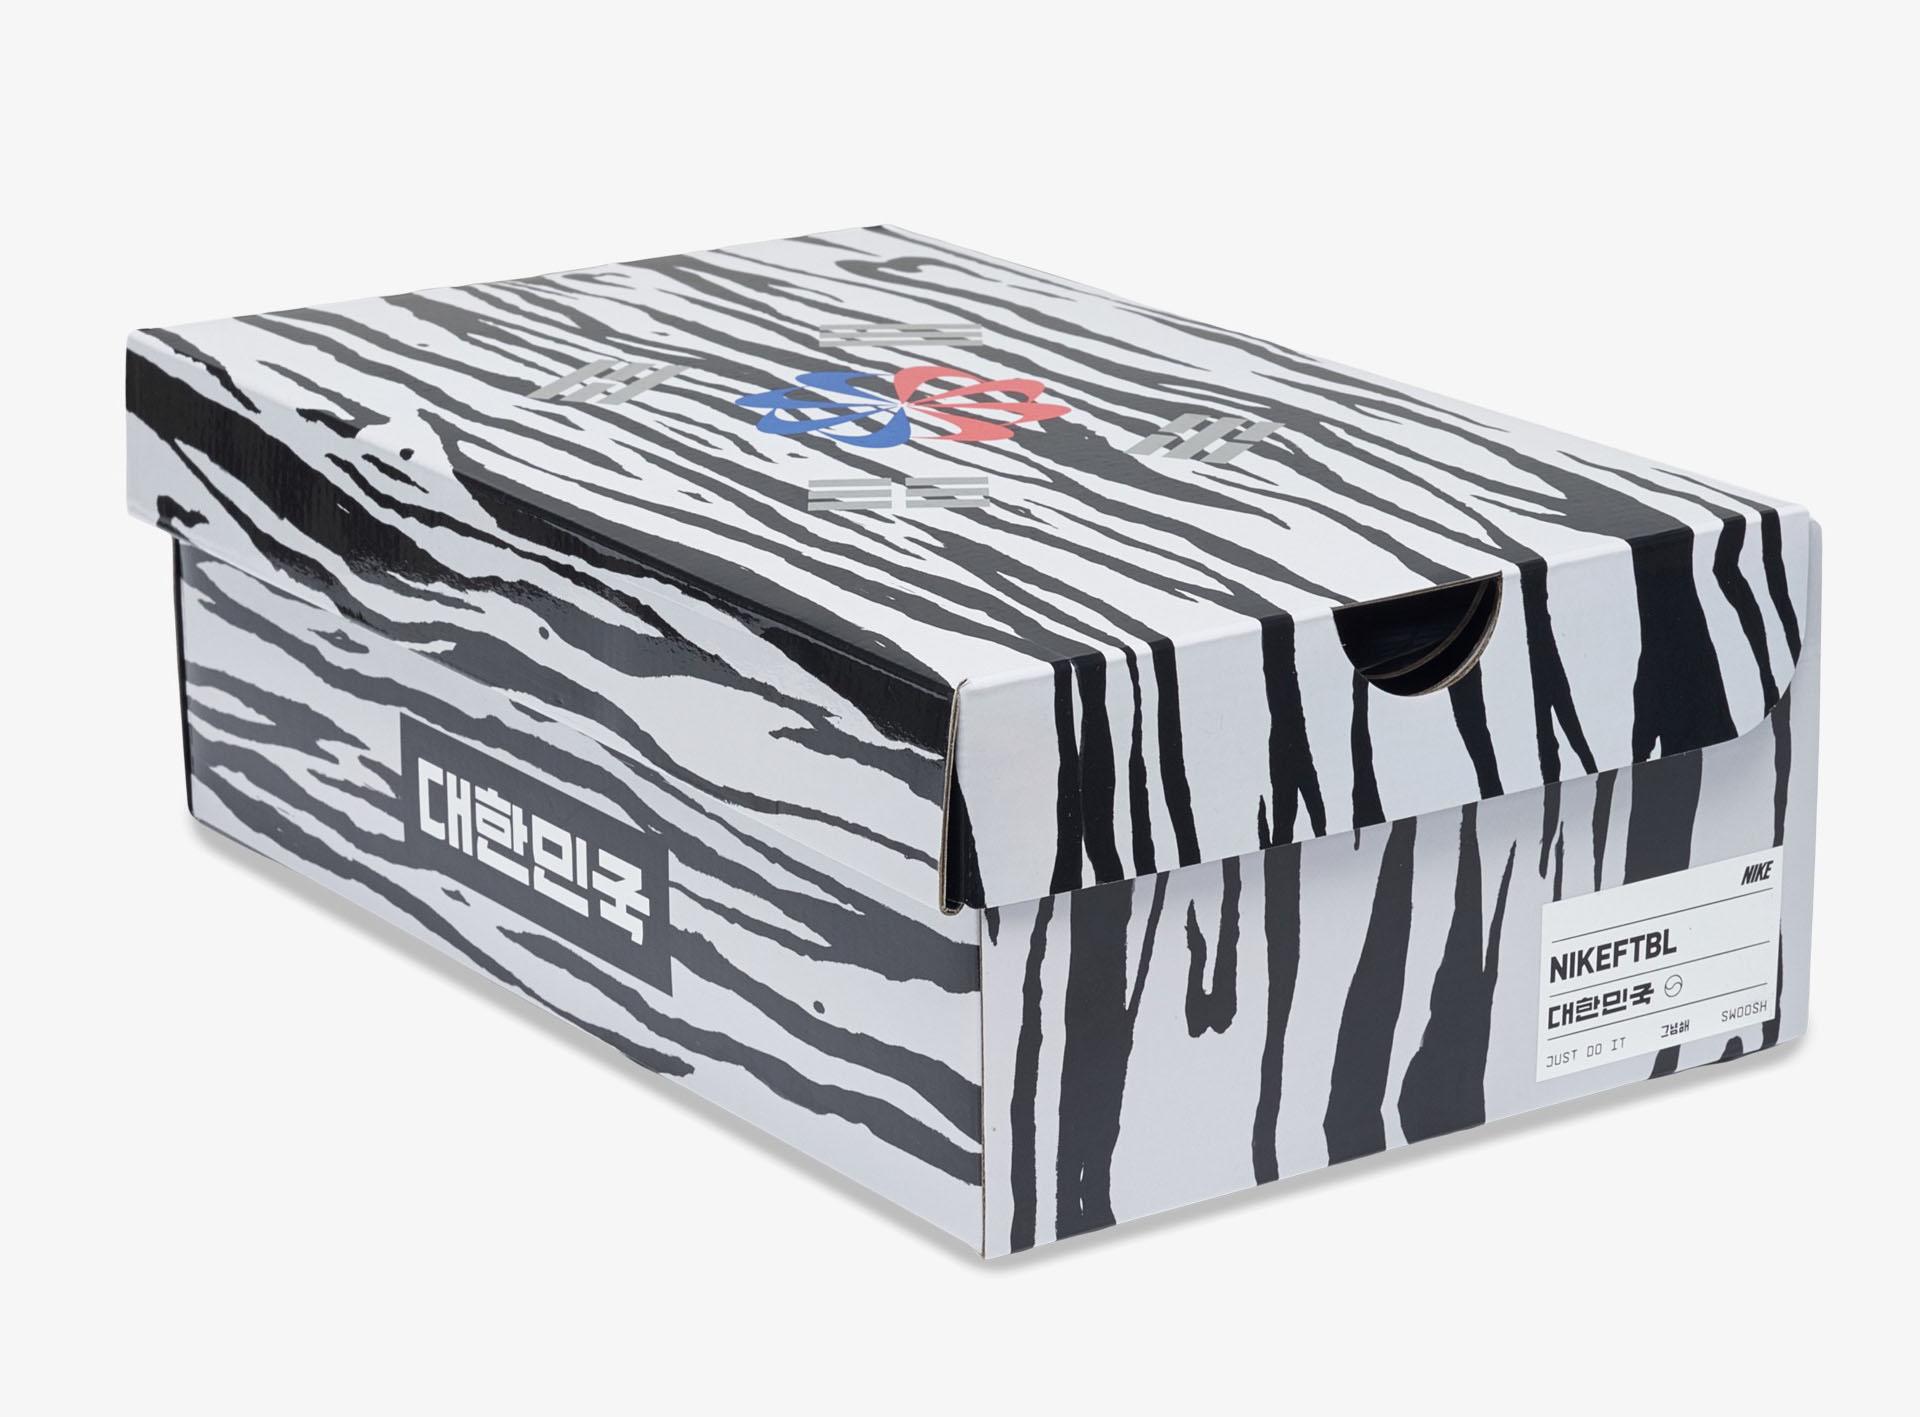 Thiết kế hộp giày đẹp mắt với lá cờ của Hàn Quốc ở trên mặt hộp